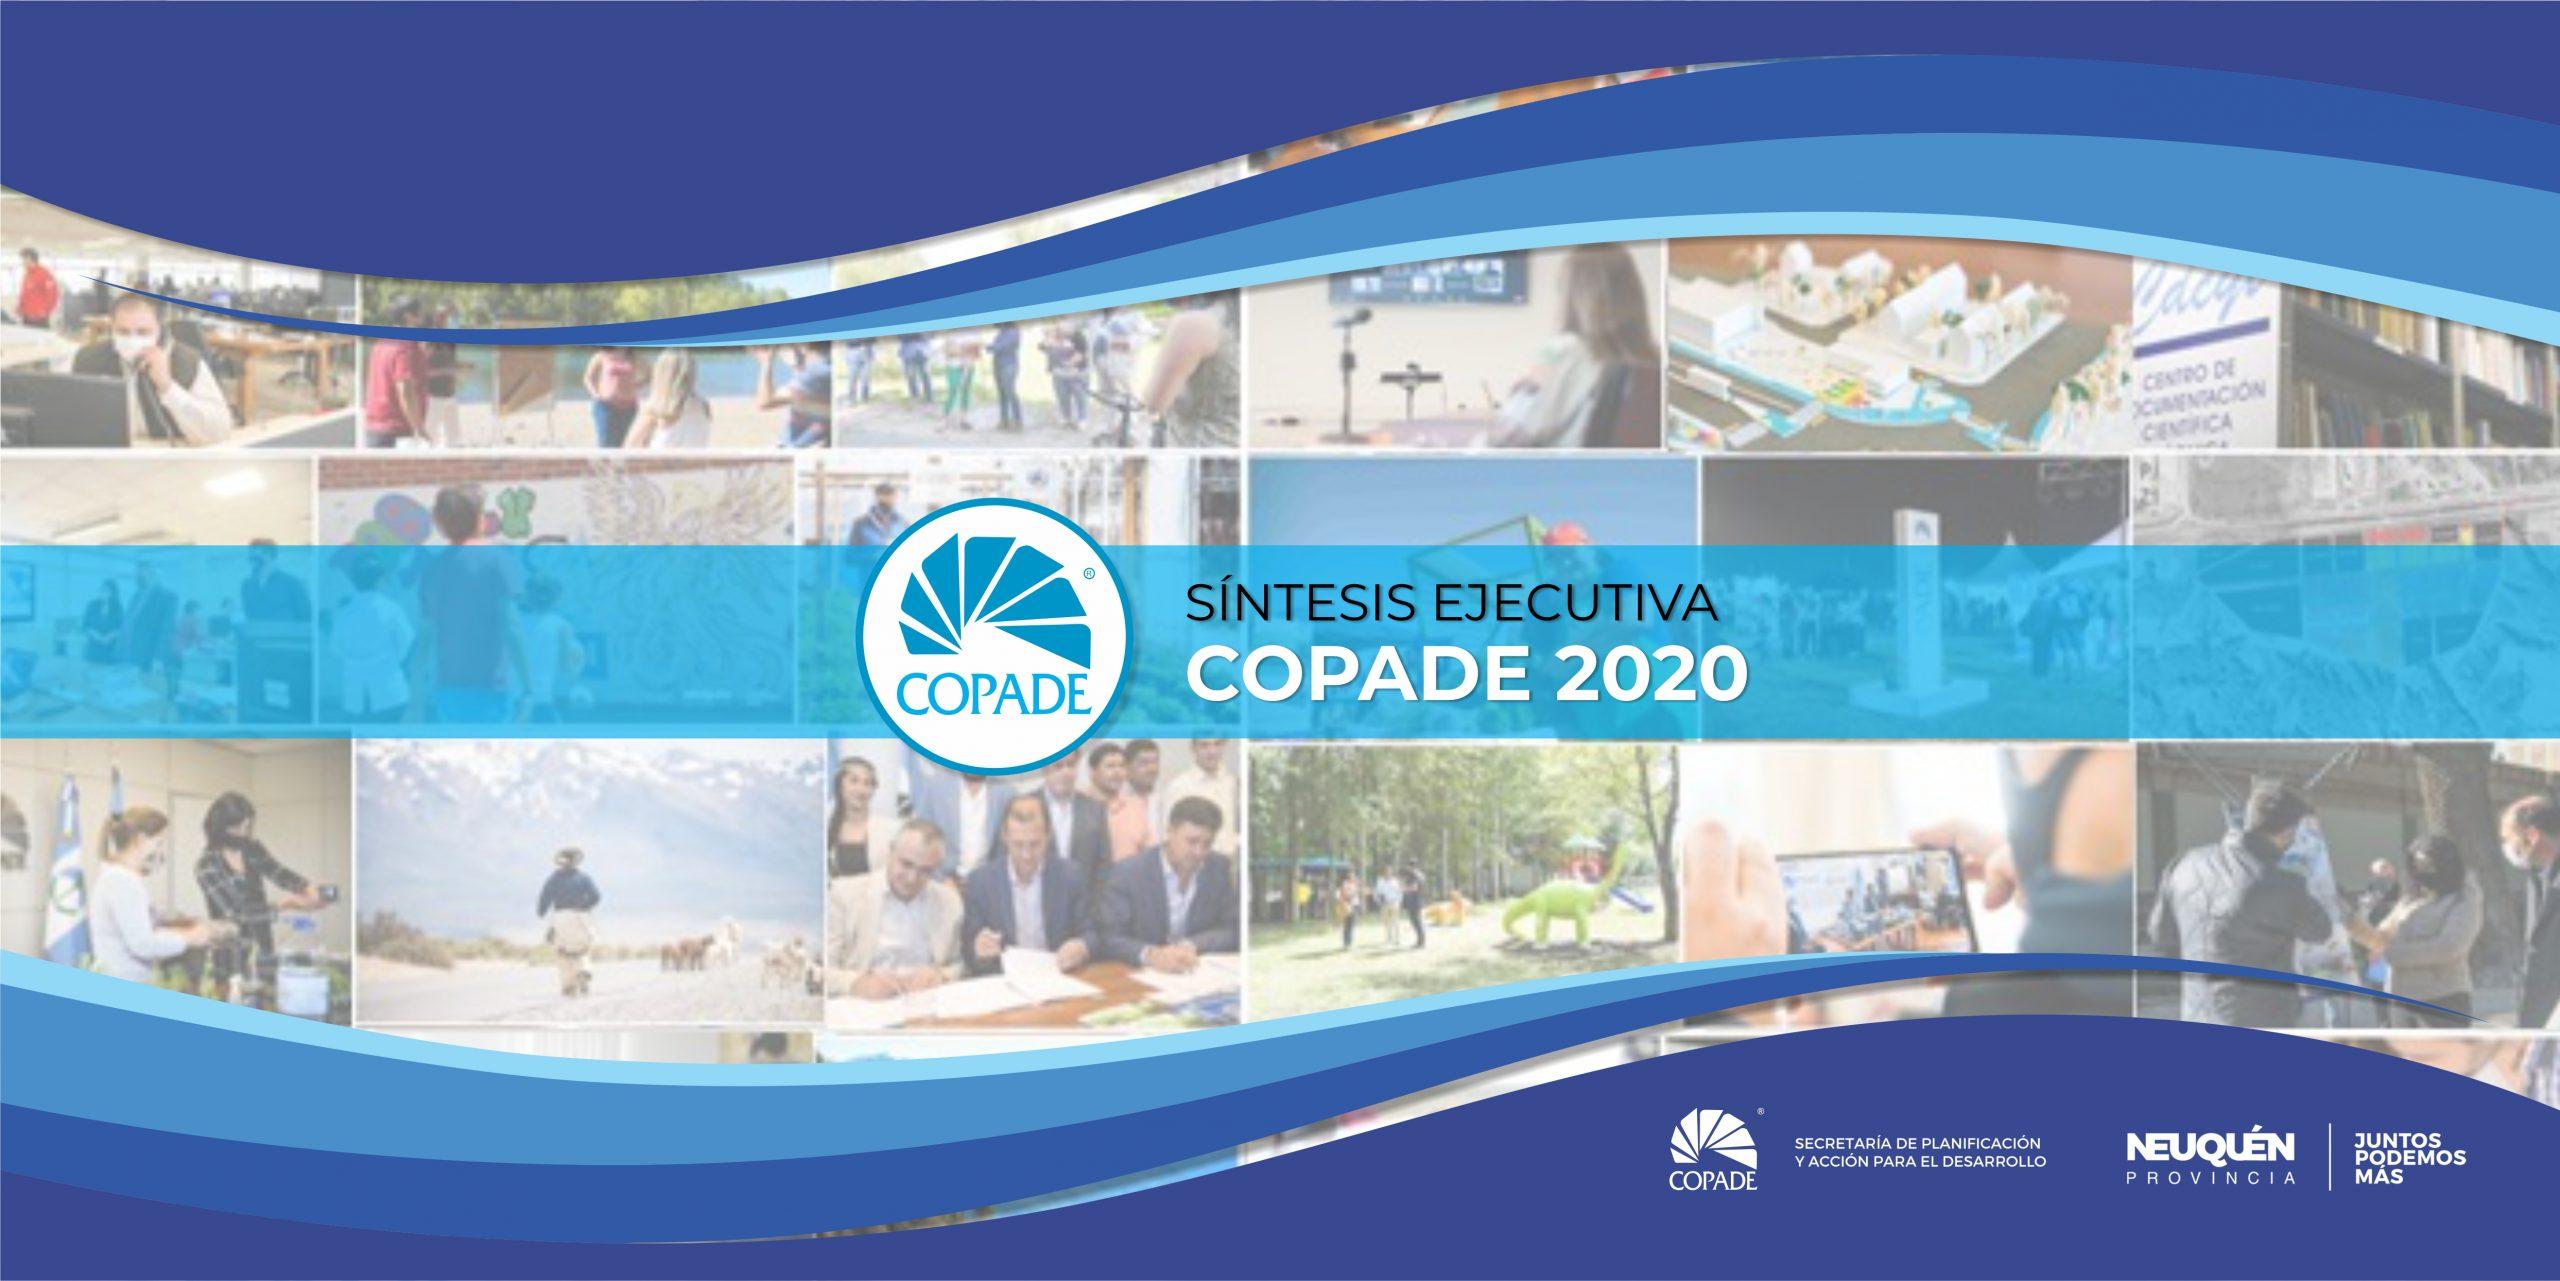 Síntesis Ejecutiva COPADE 2020